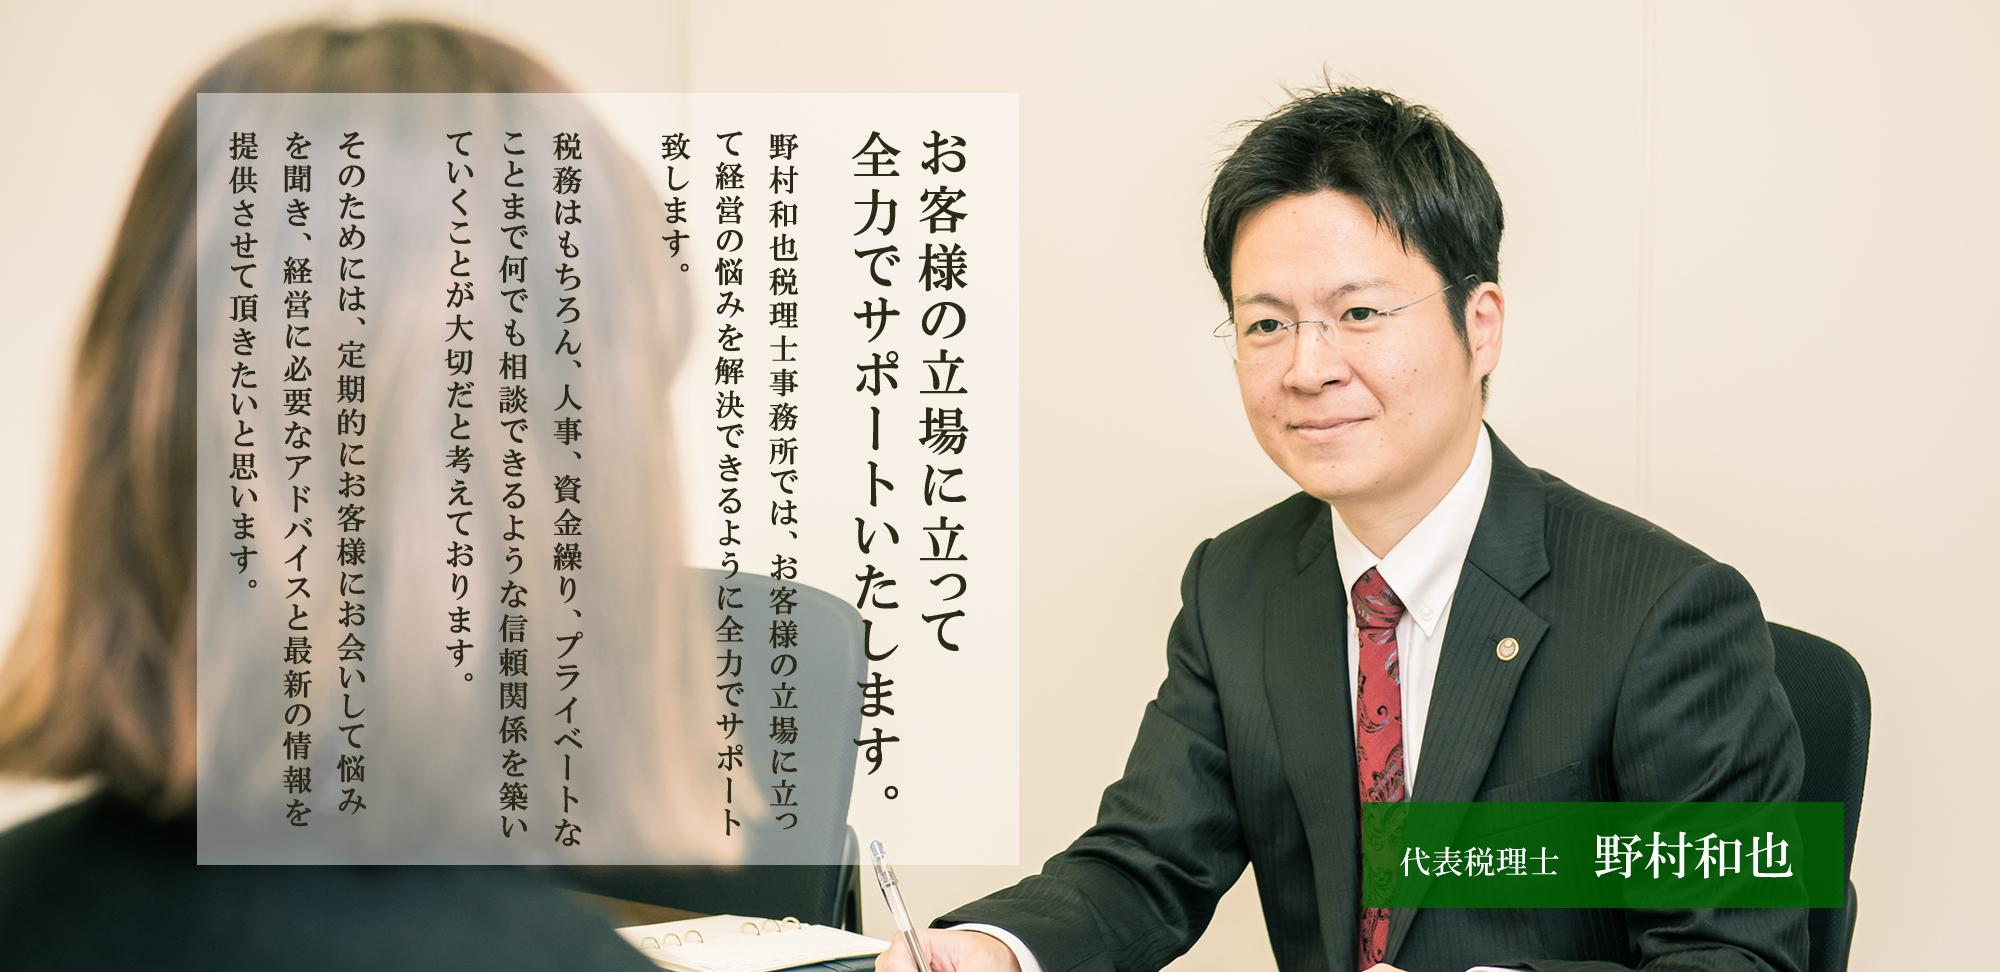 大阪府守口市の野村和也税理士事務所所長の挨拶「お客様の立場に立って全力でサポートします。」